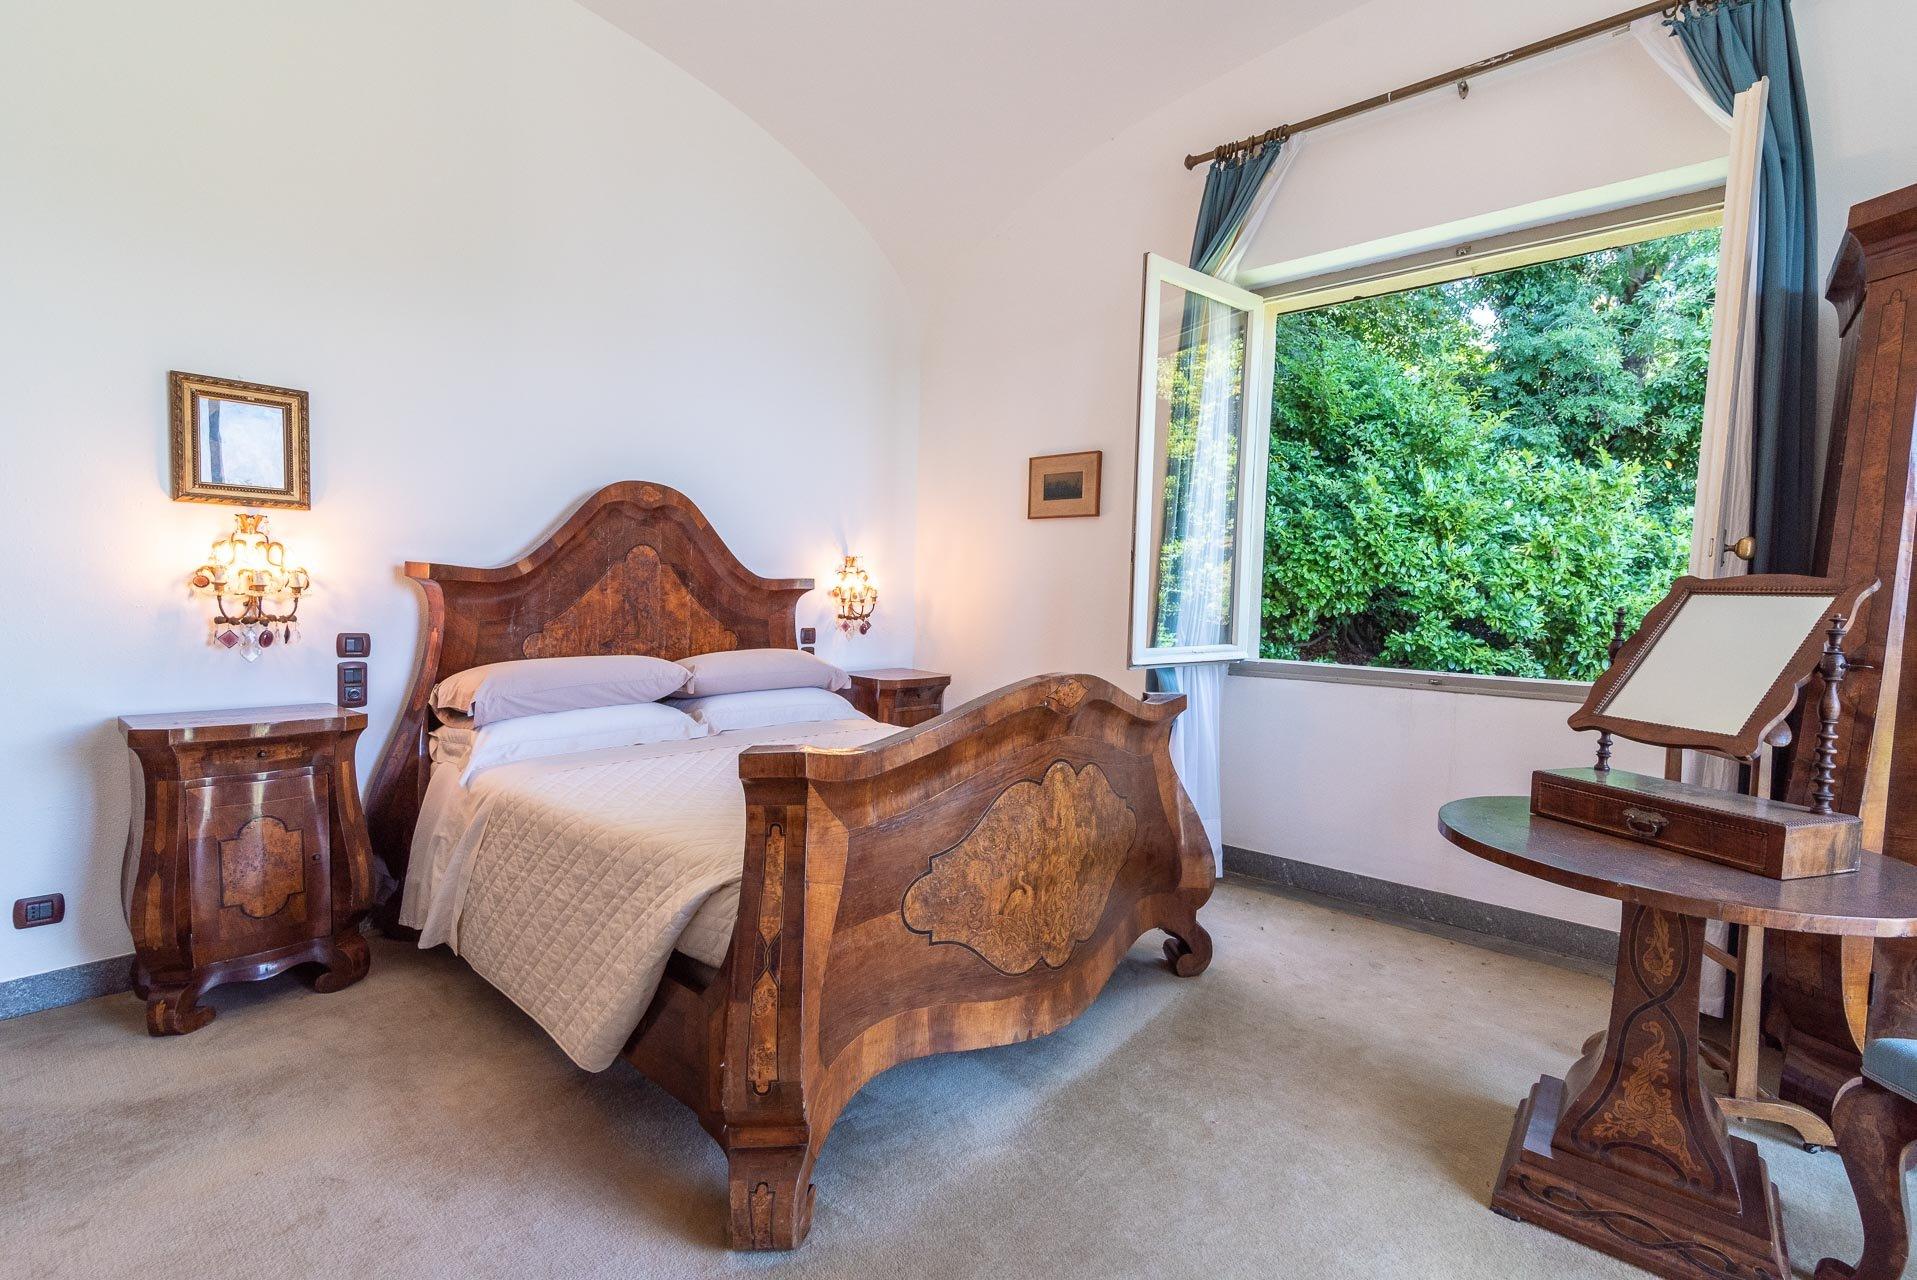 Elegant lake view villa for sale in Stresa - bedroom